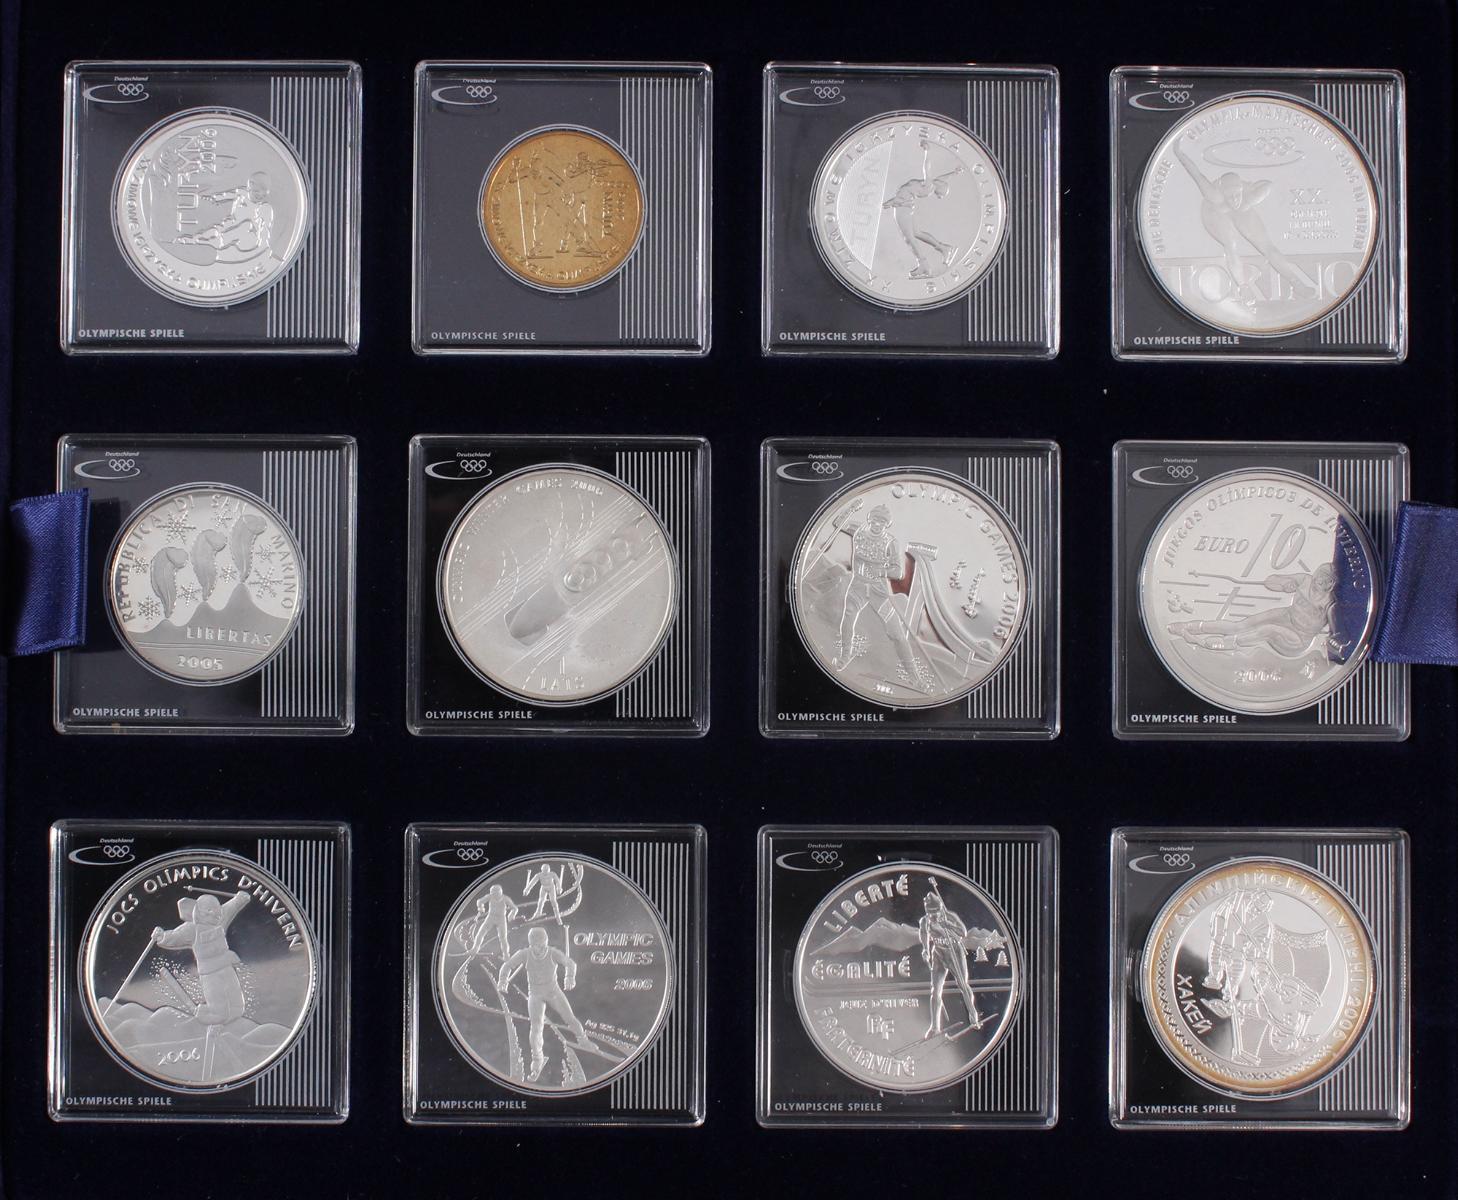 Die Silbergedenkmünzen zu den Olympischen Spielen-2